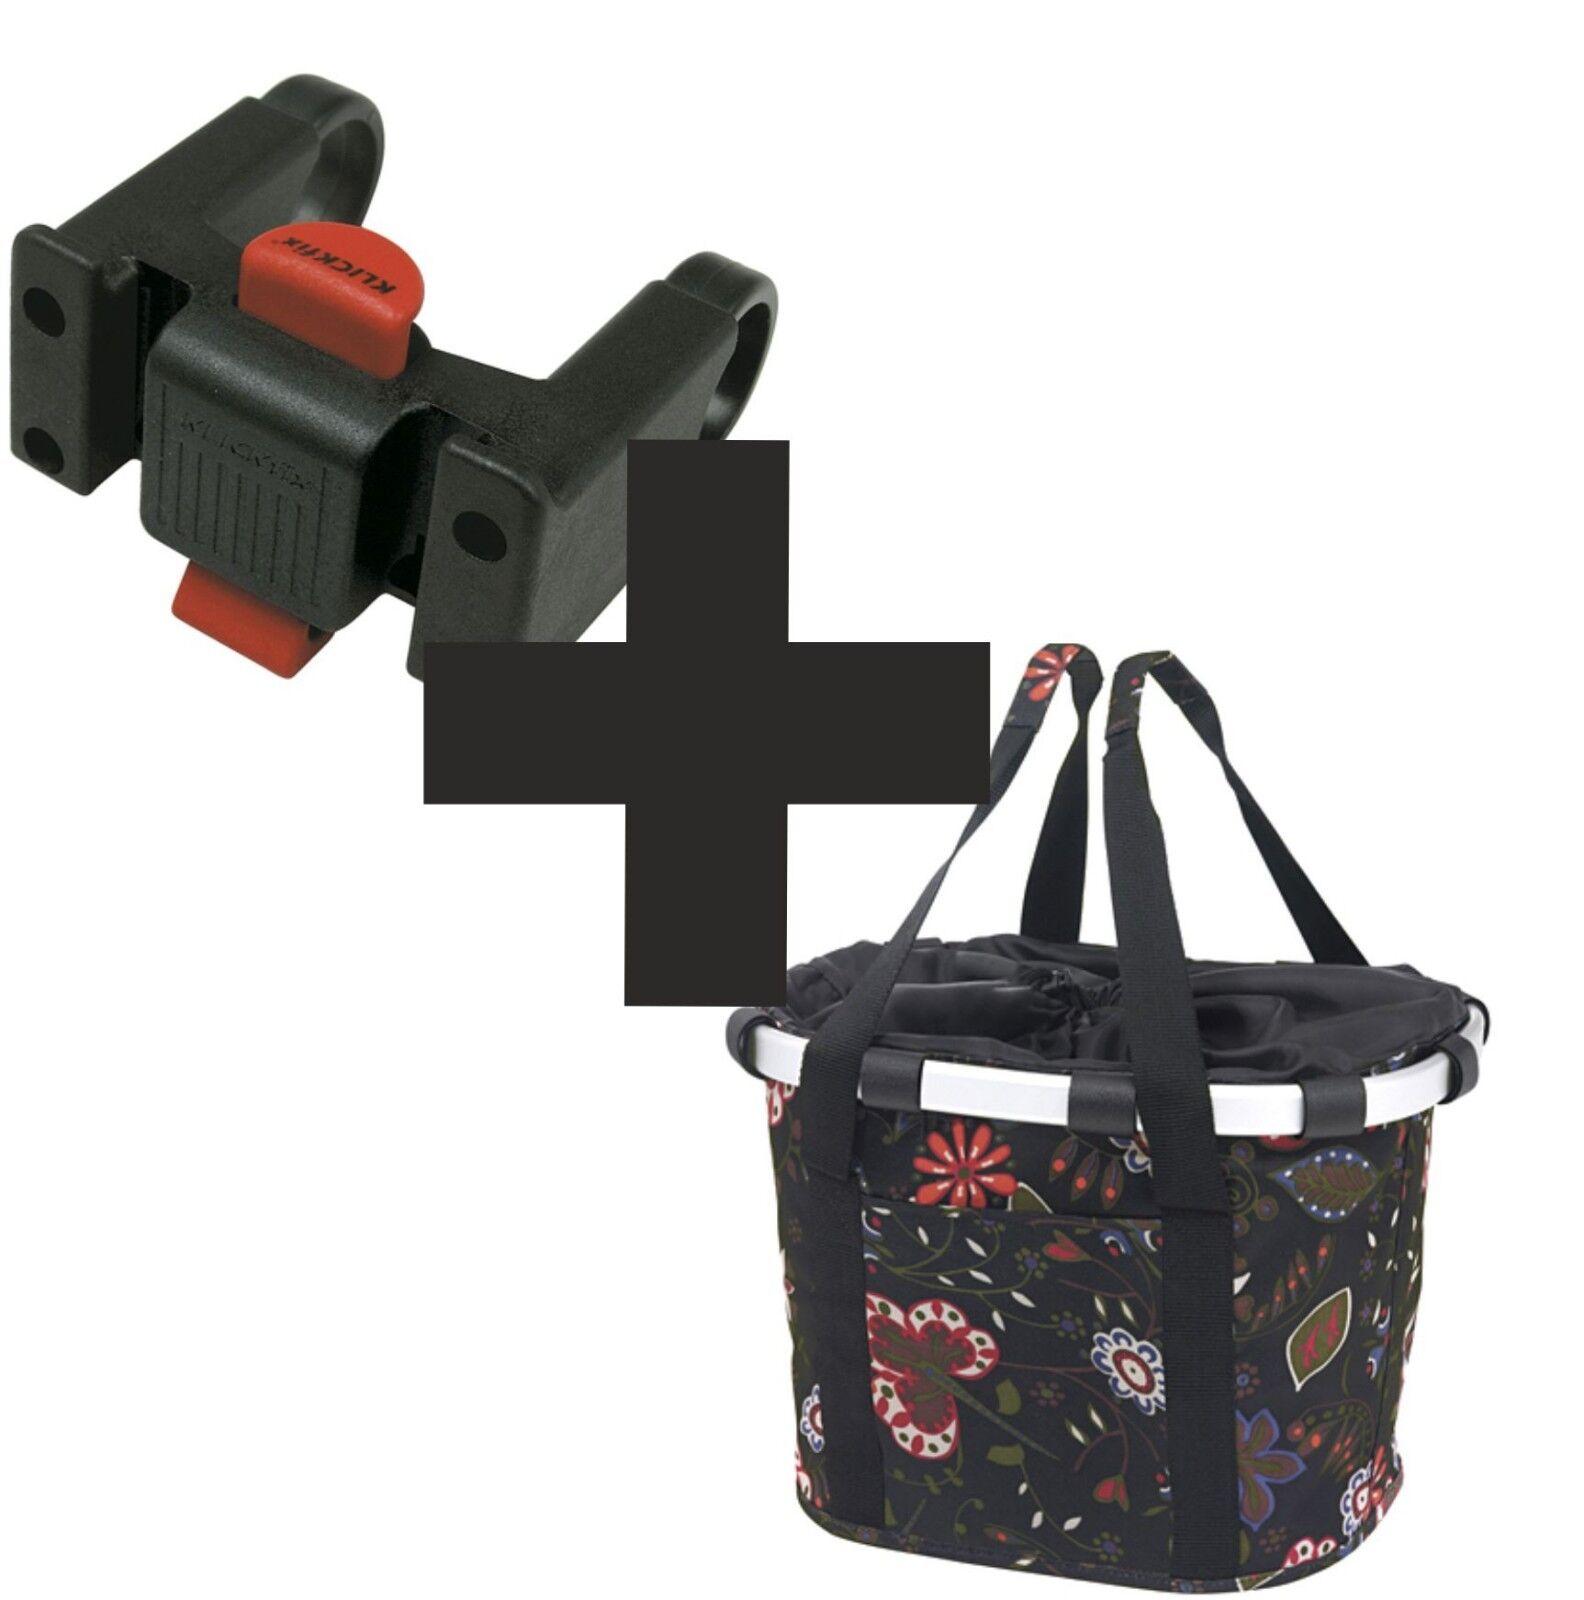 Set  Reisenthel Fahrrad Basket Fahrrad Basket Dessin fol + Handlebar Adapter 0211